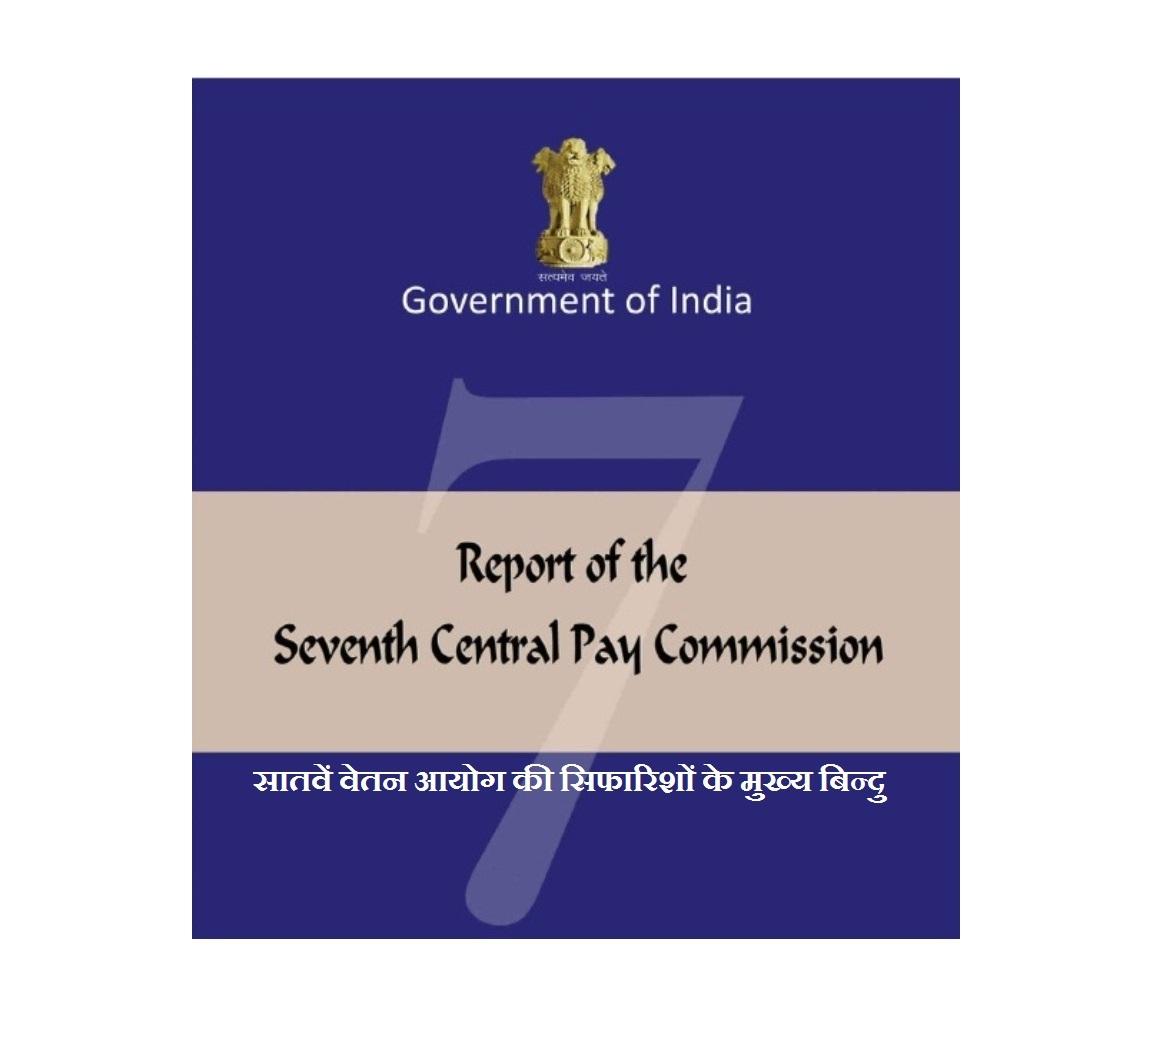 सातवें वेतन आयोग की मुख्य सिफारिशें